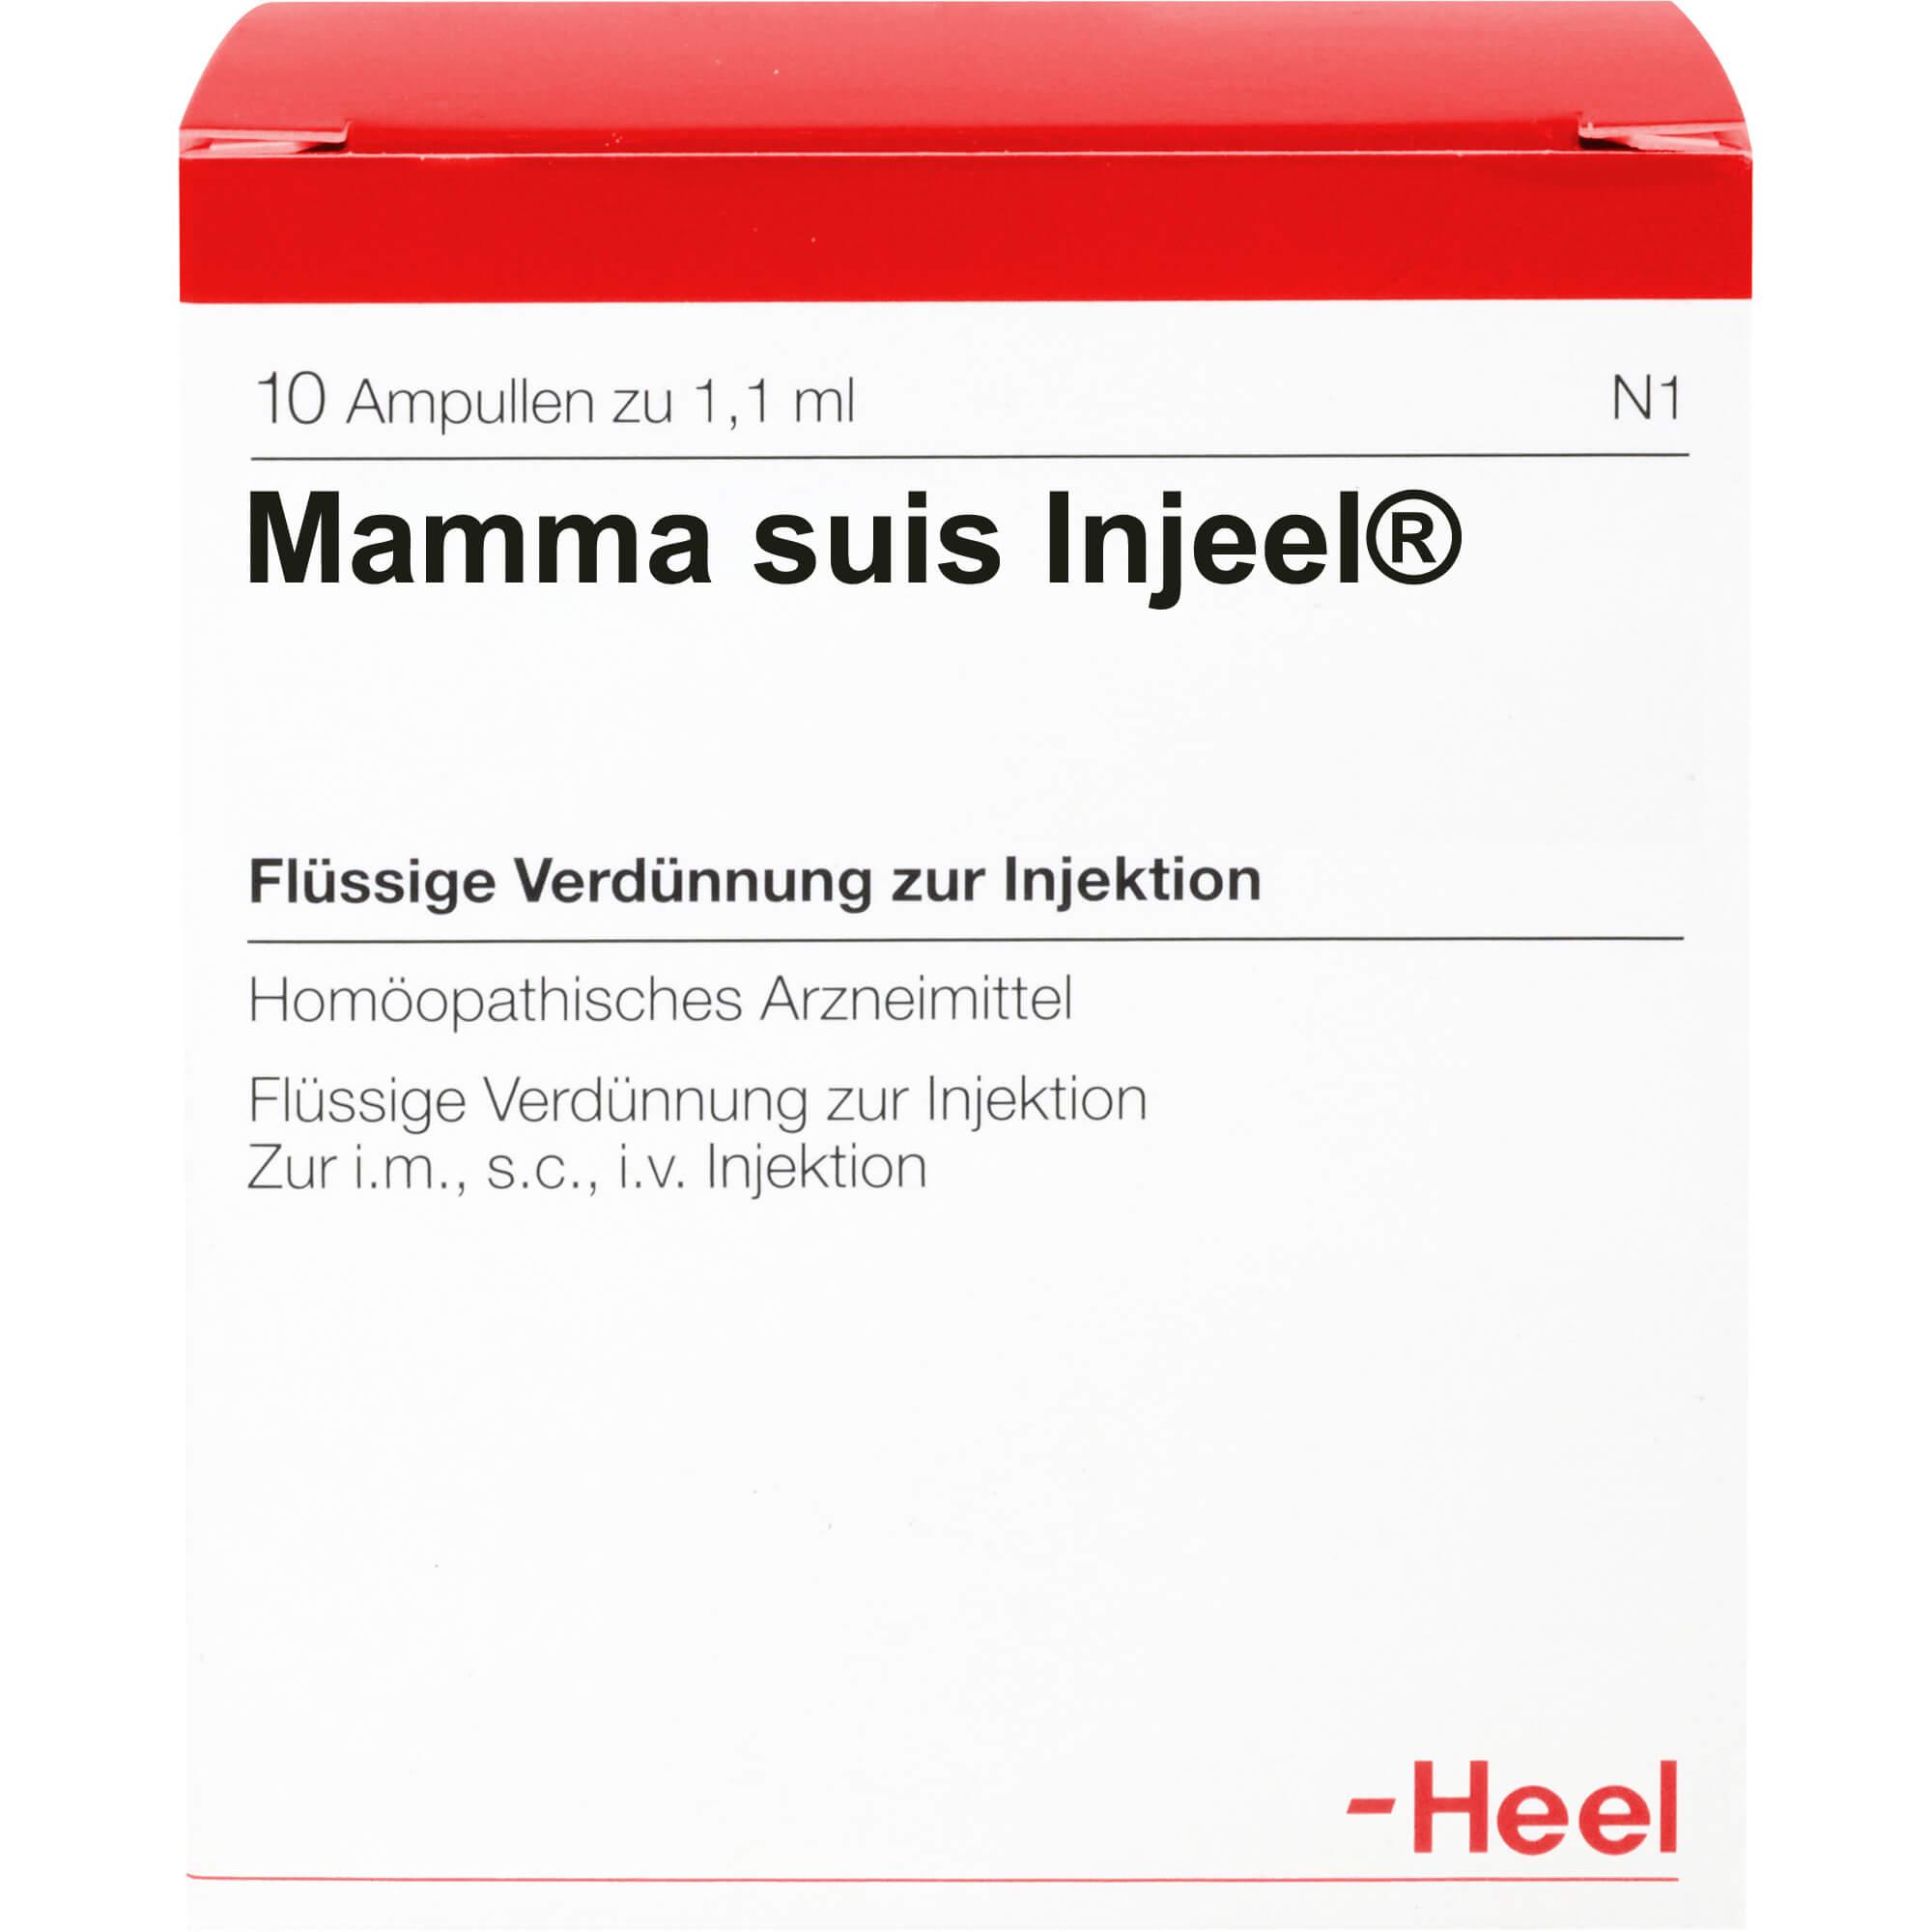 MAMMA SUIS Injeel Ampullen